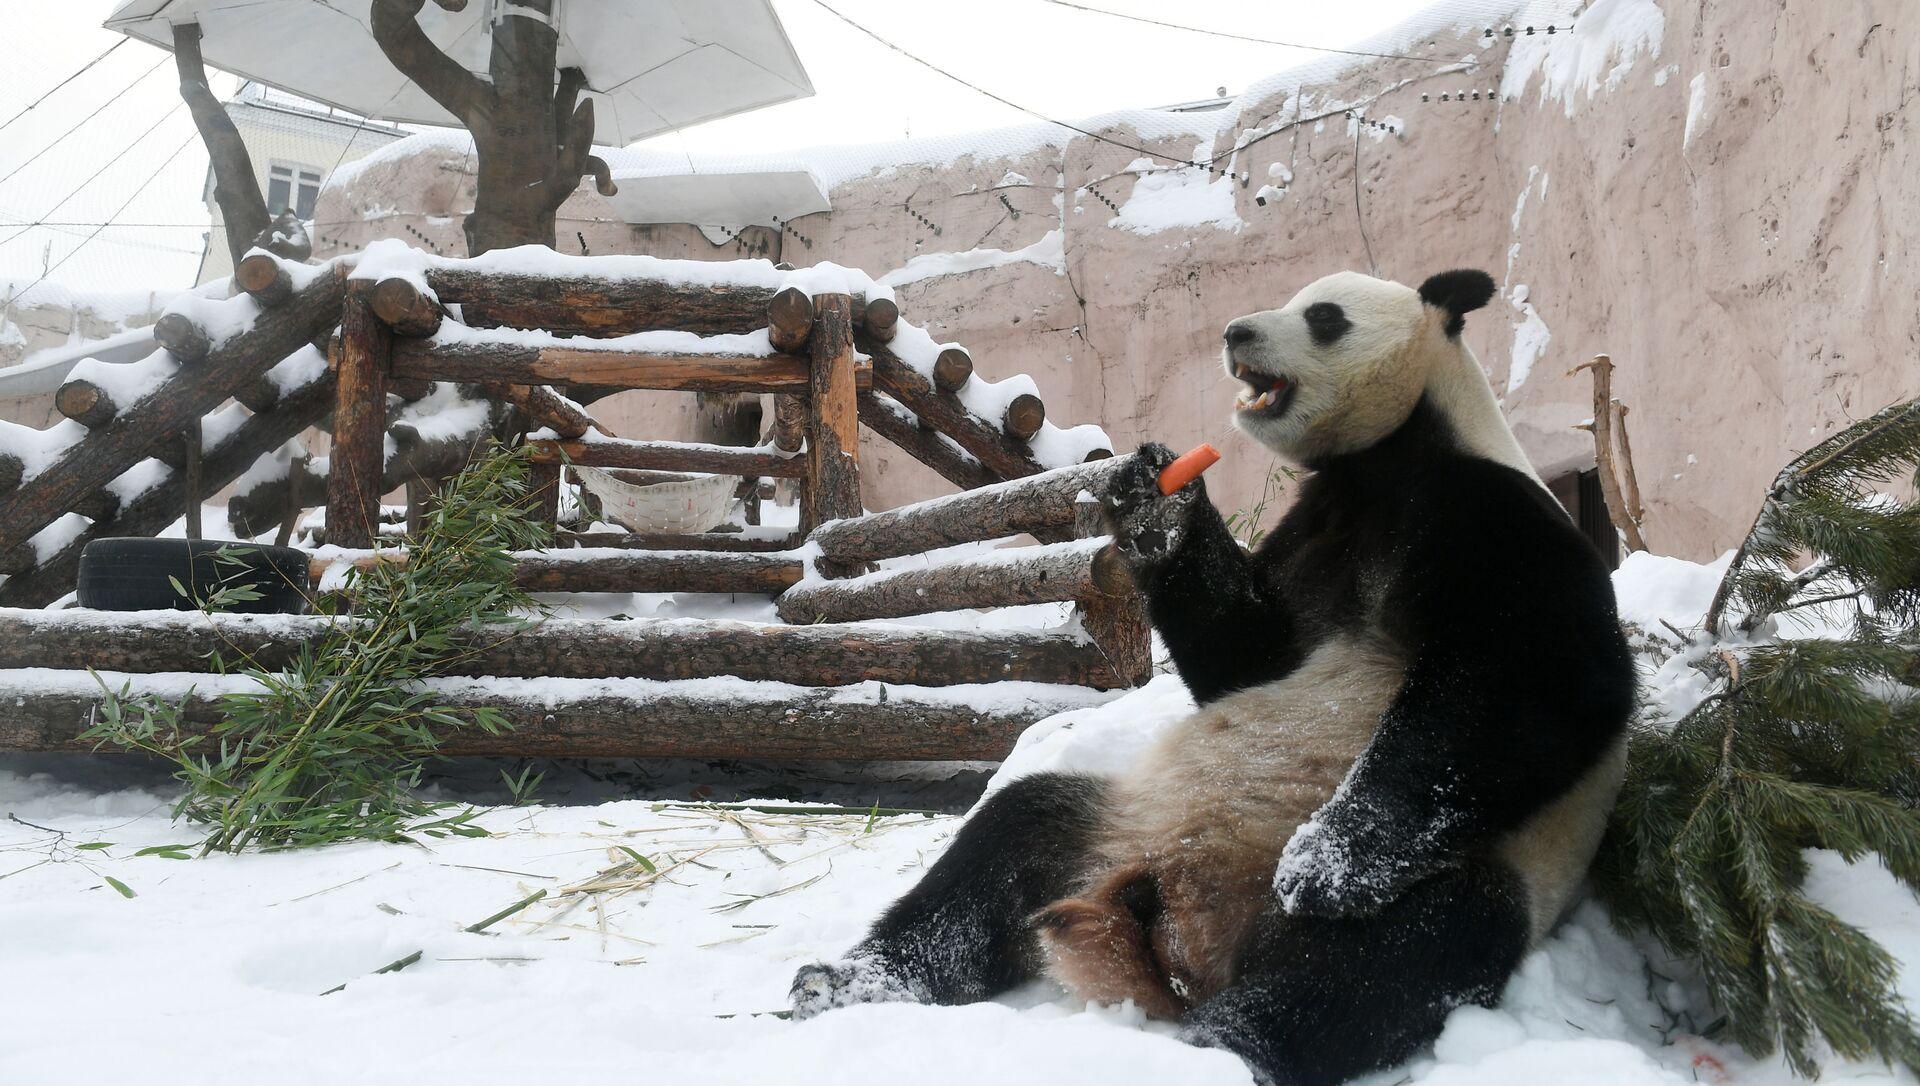 Panda gigante nello zoo di Mosca  - Sputnik Italia, 1920, 07.02.2021